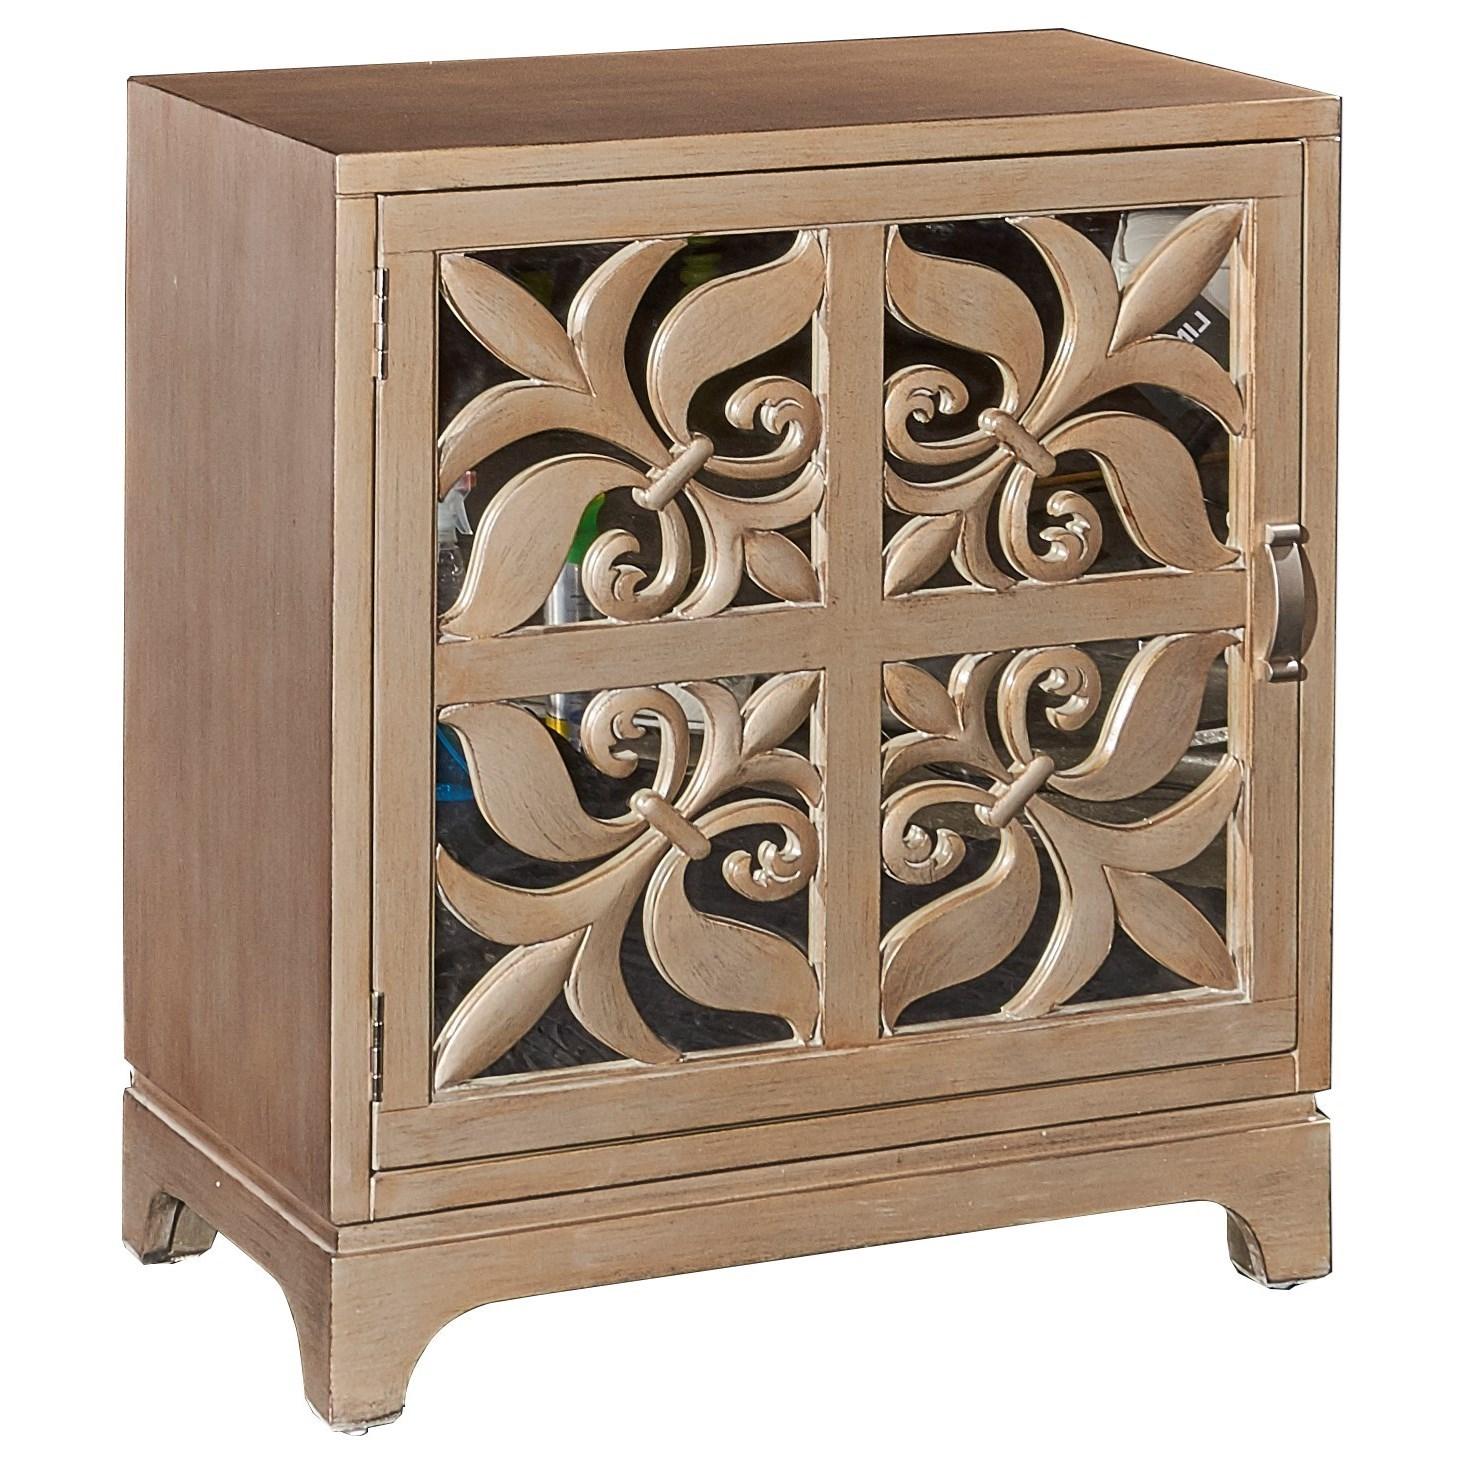 Juliette Cabinet